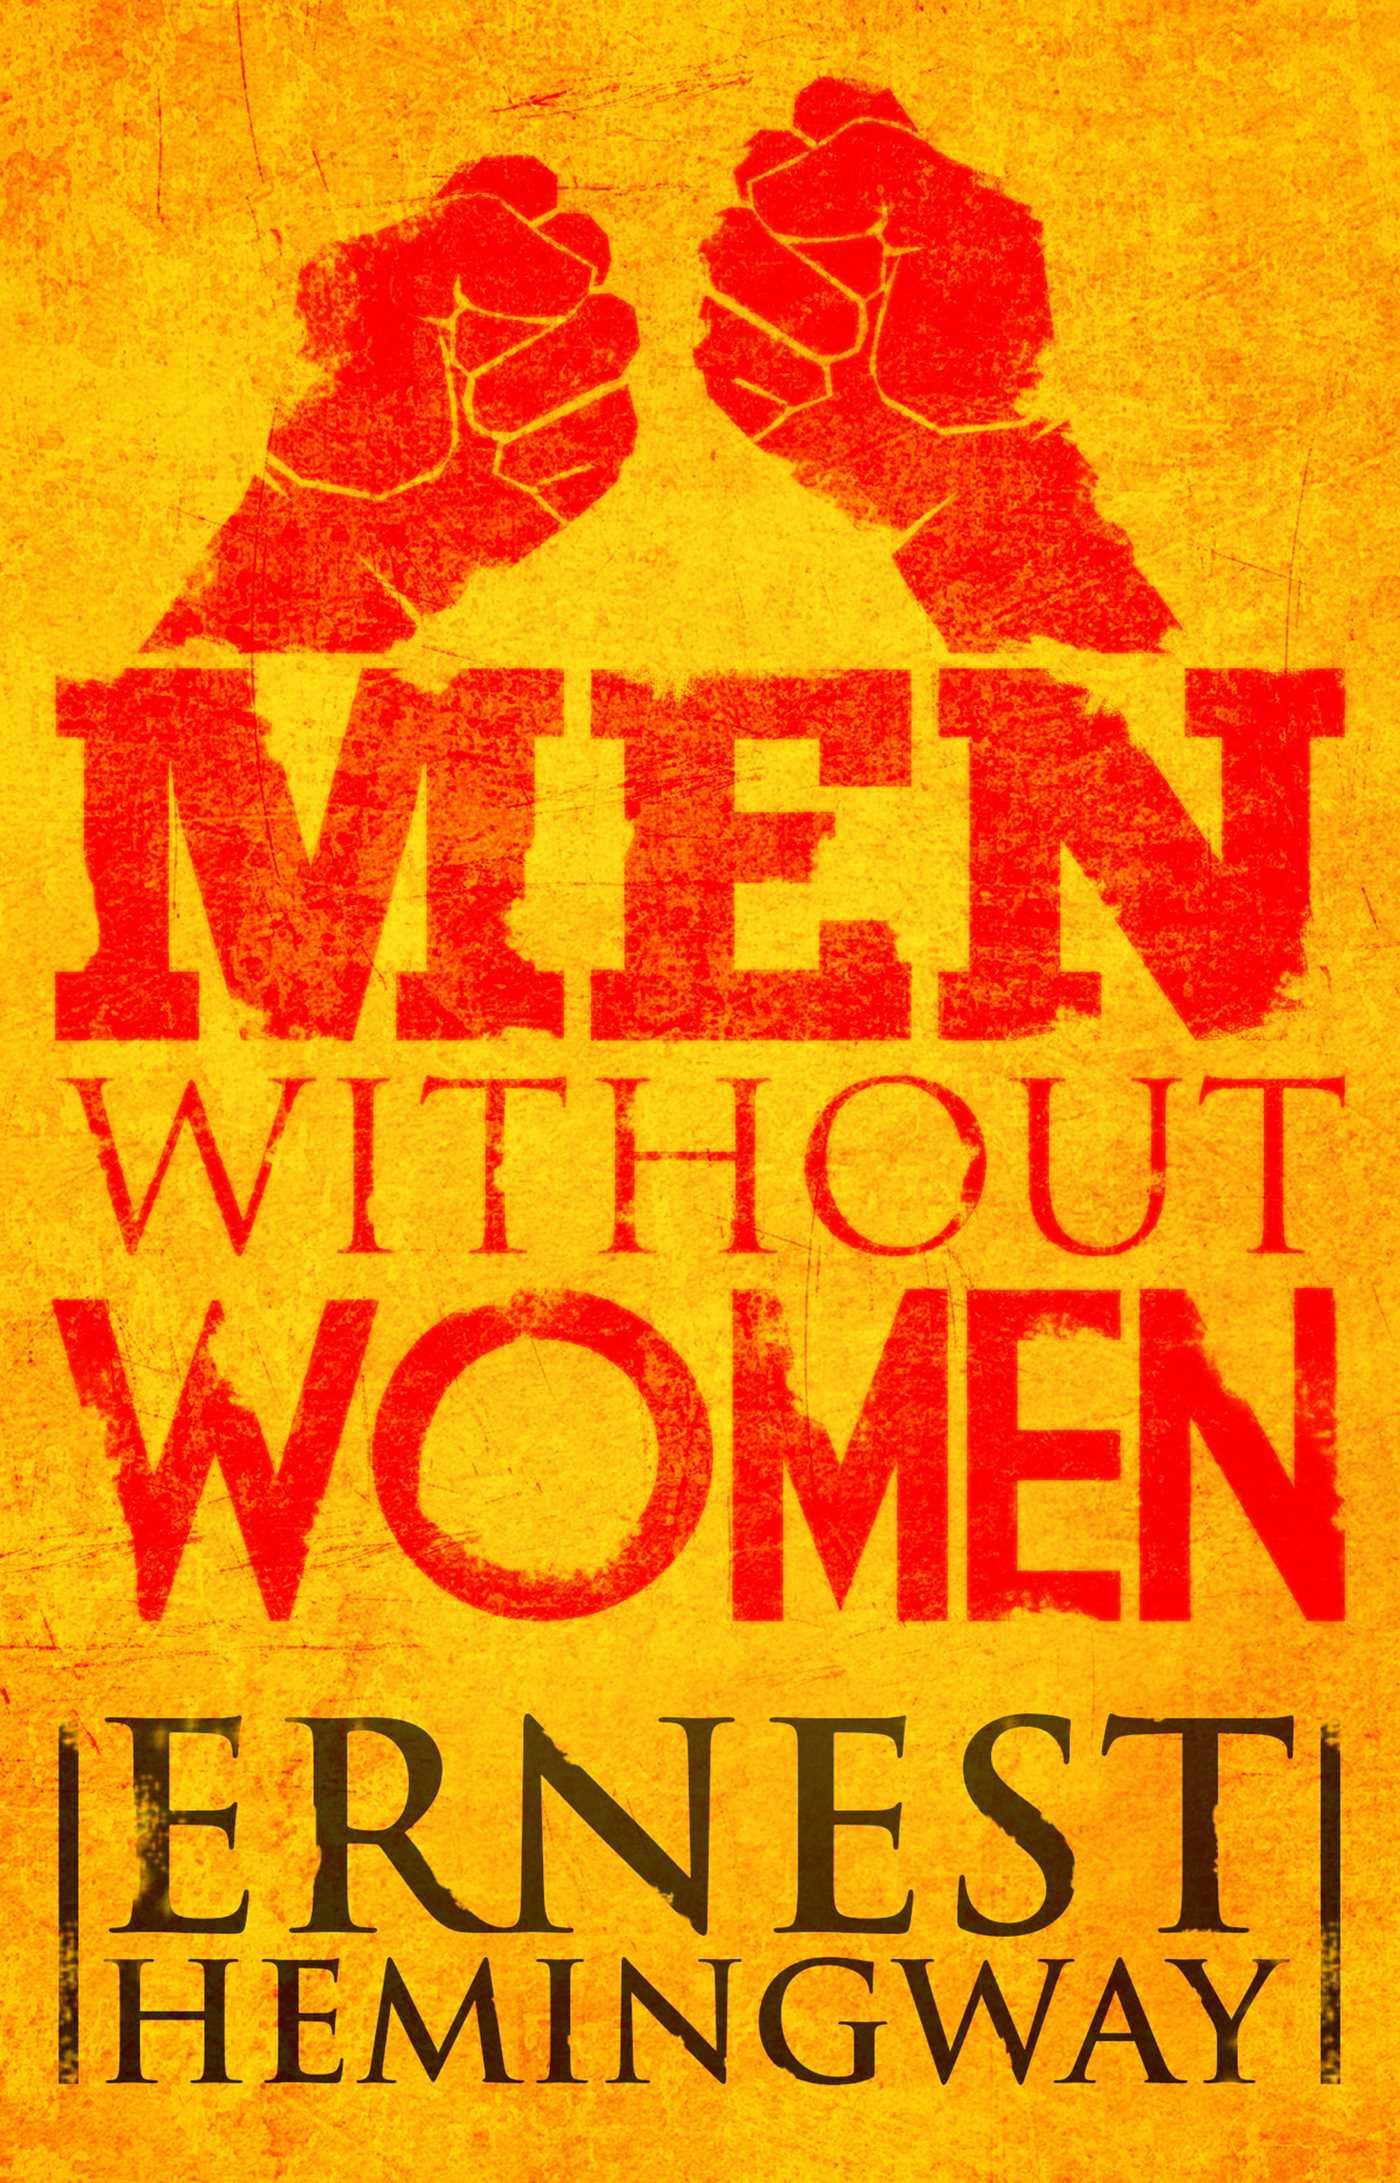 Những cuốn sách hay nên đọc dành cho nam giới 1 - elleman